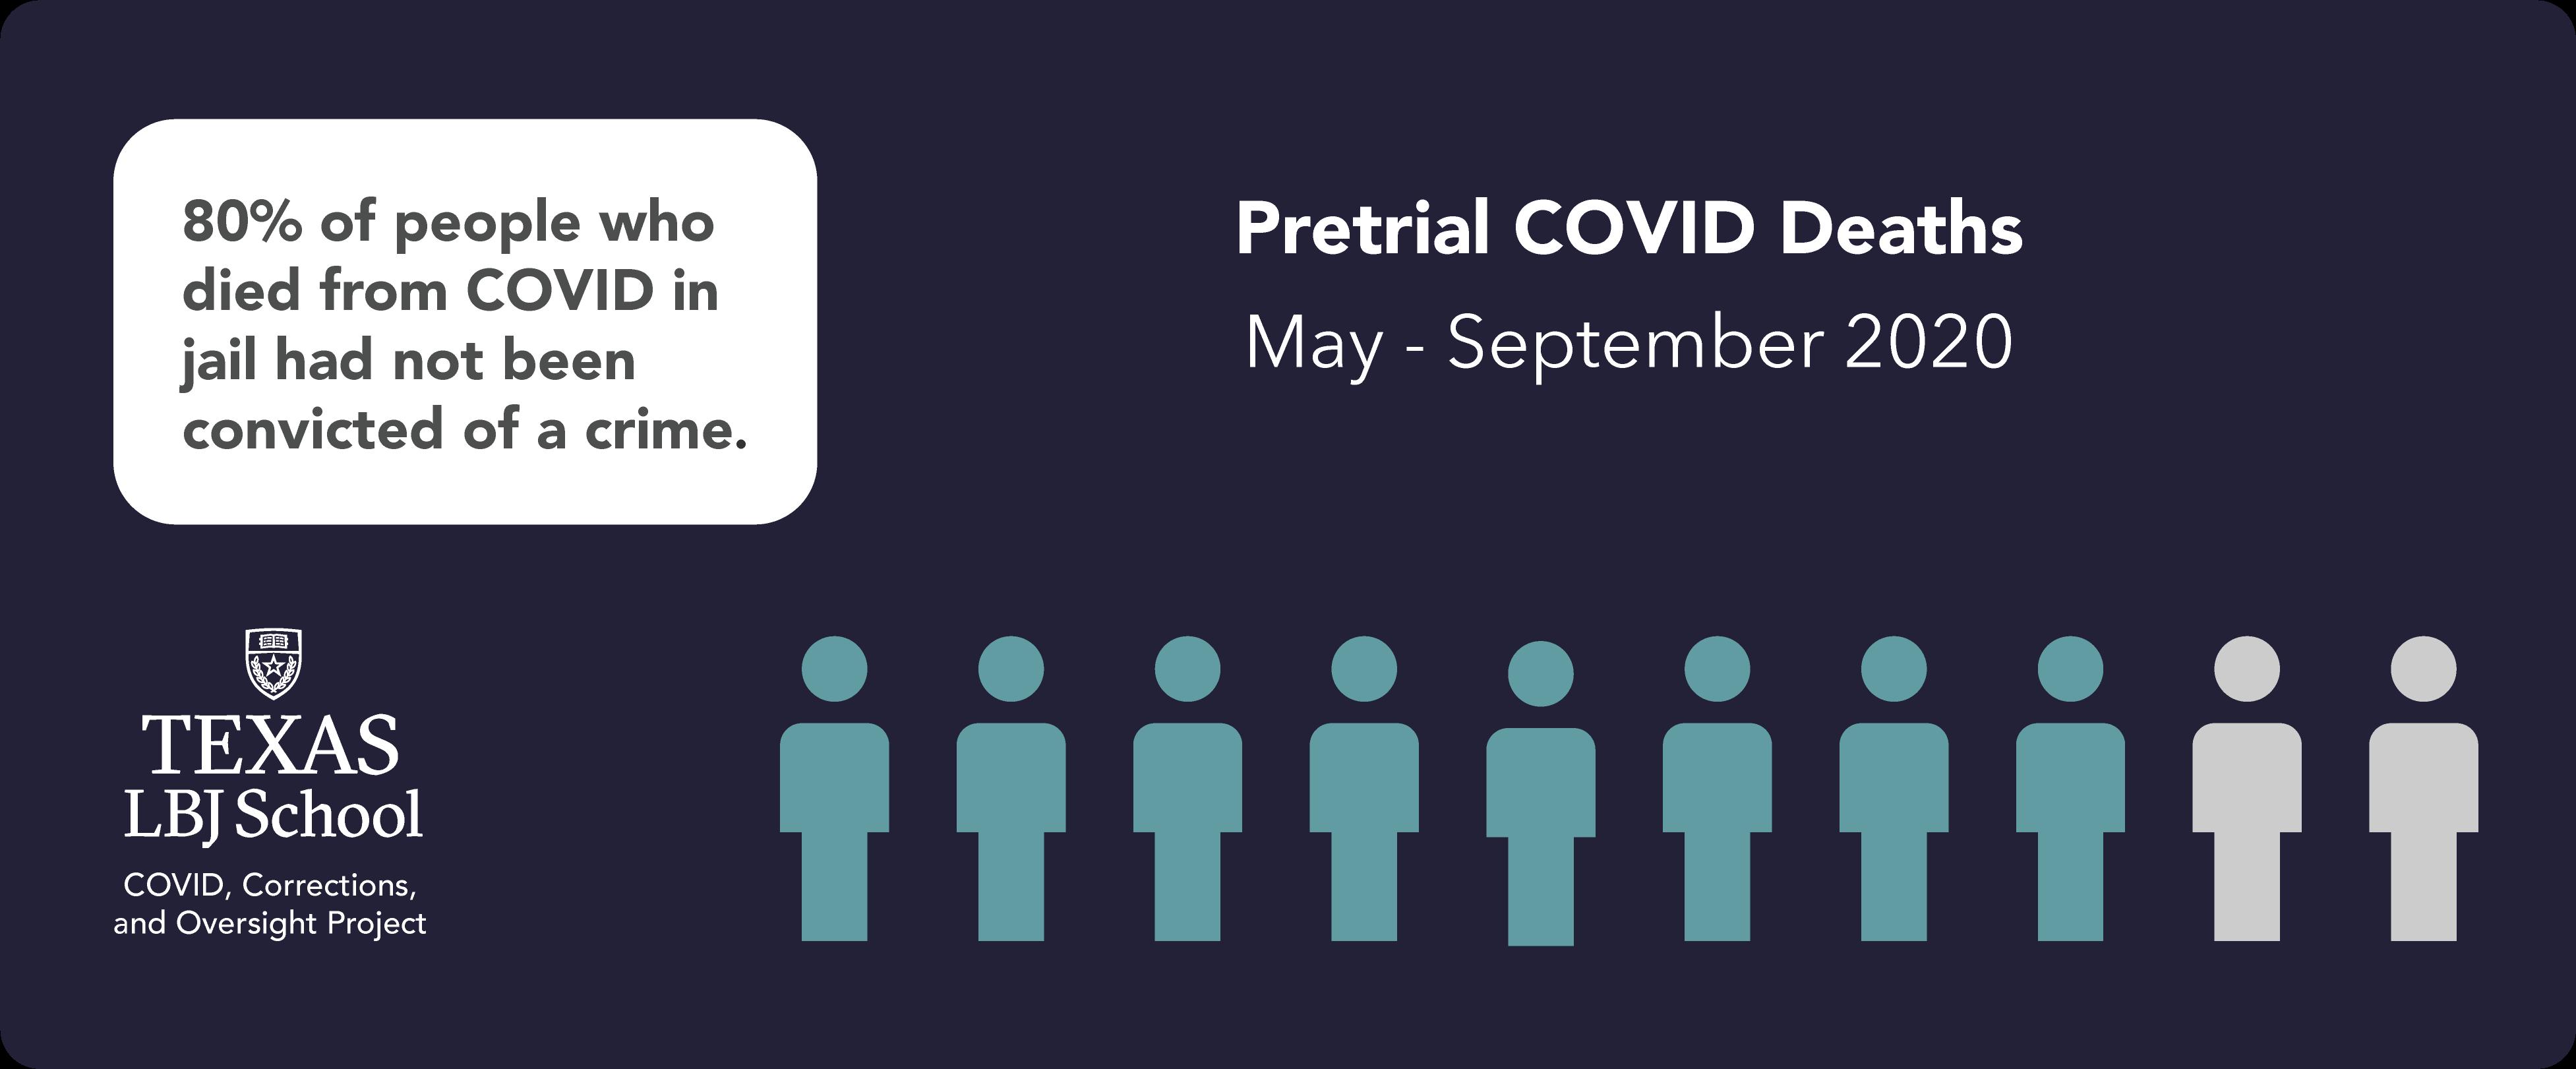 Deitch report: Pretrial COVID deaths